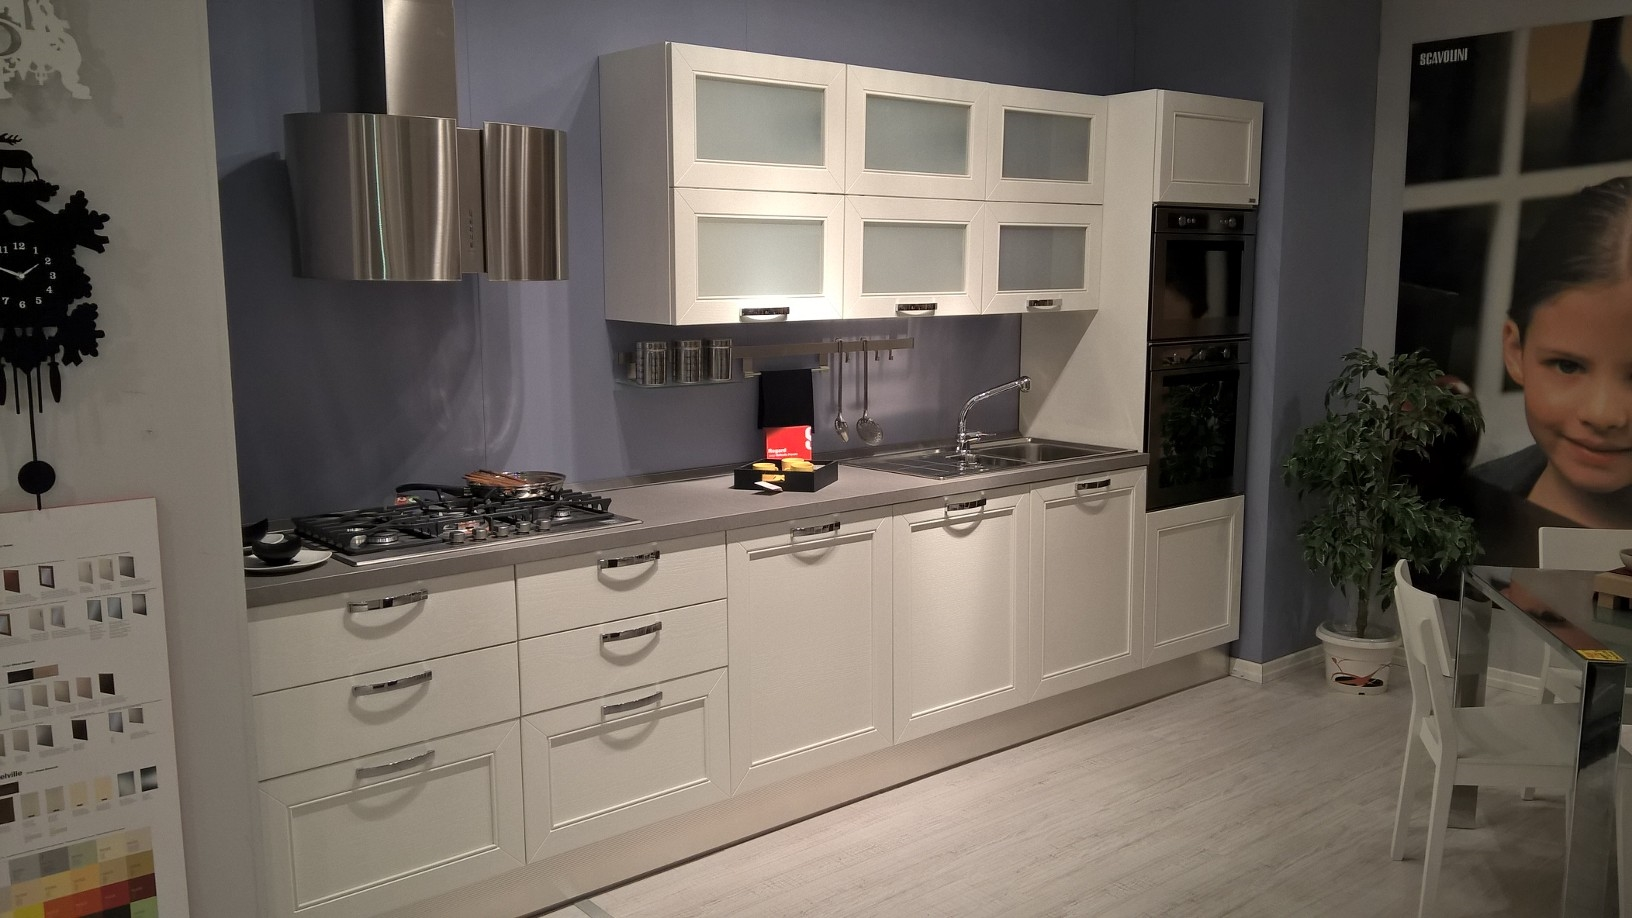 Cucina scavolini regard moderne legno cucine a prezzi - Maniglie cucina scavolini ...